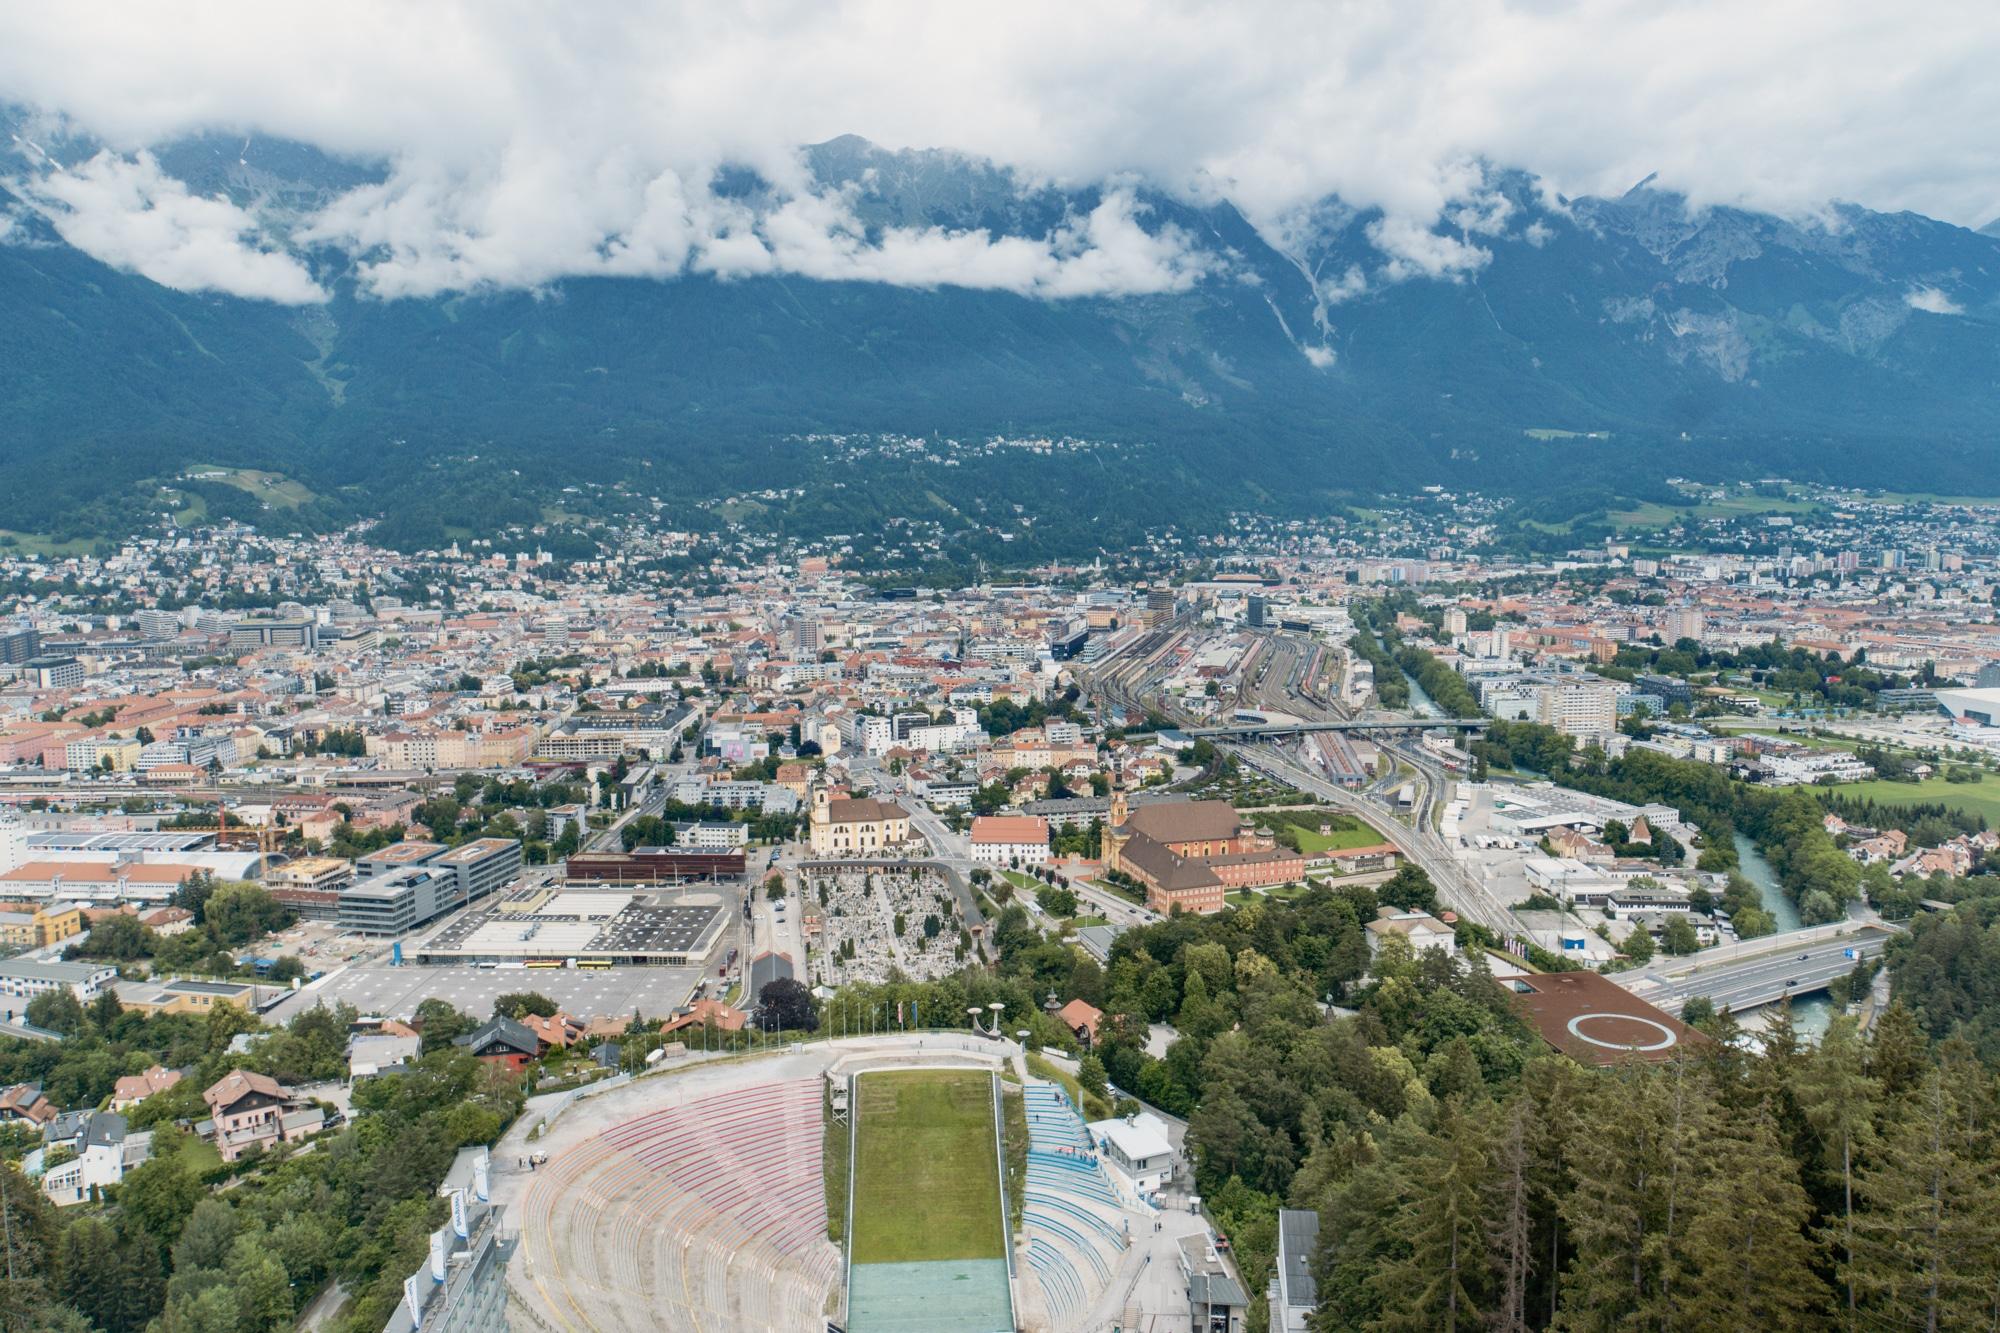 Innsbruck Sehenswürdigkeiten: Top Ten Highlights und Tipps für die Stadt - Bergisel Schanze